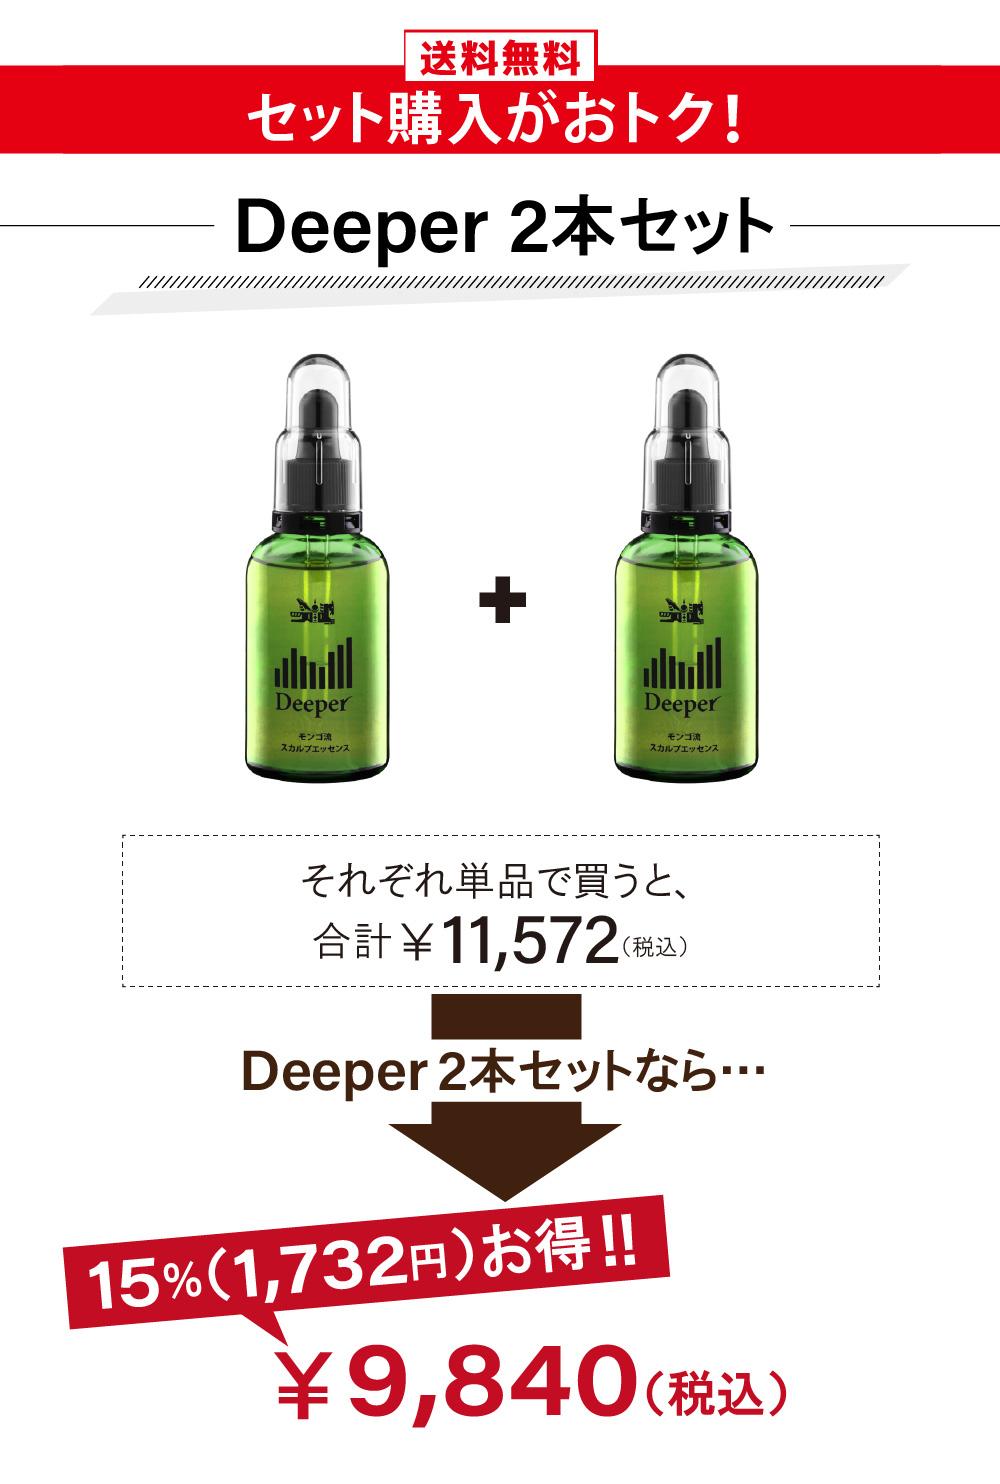 ≪15%お得≫ モンゴ流スカルプエッセンス Deeper 2本セット バリアスルーお試しミニボトルをプレゼント!